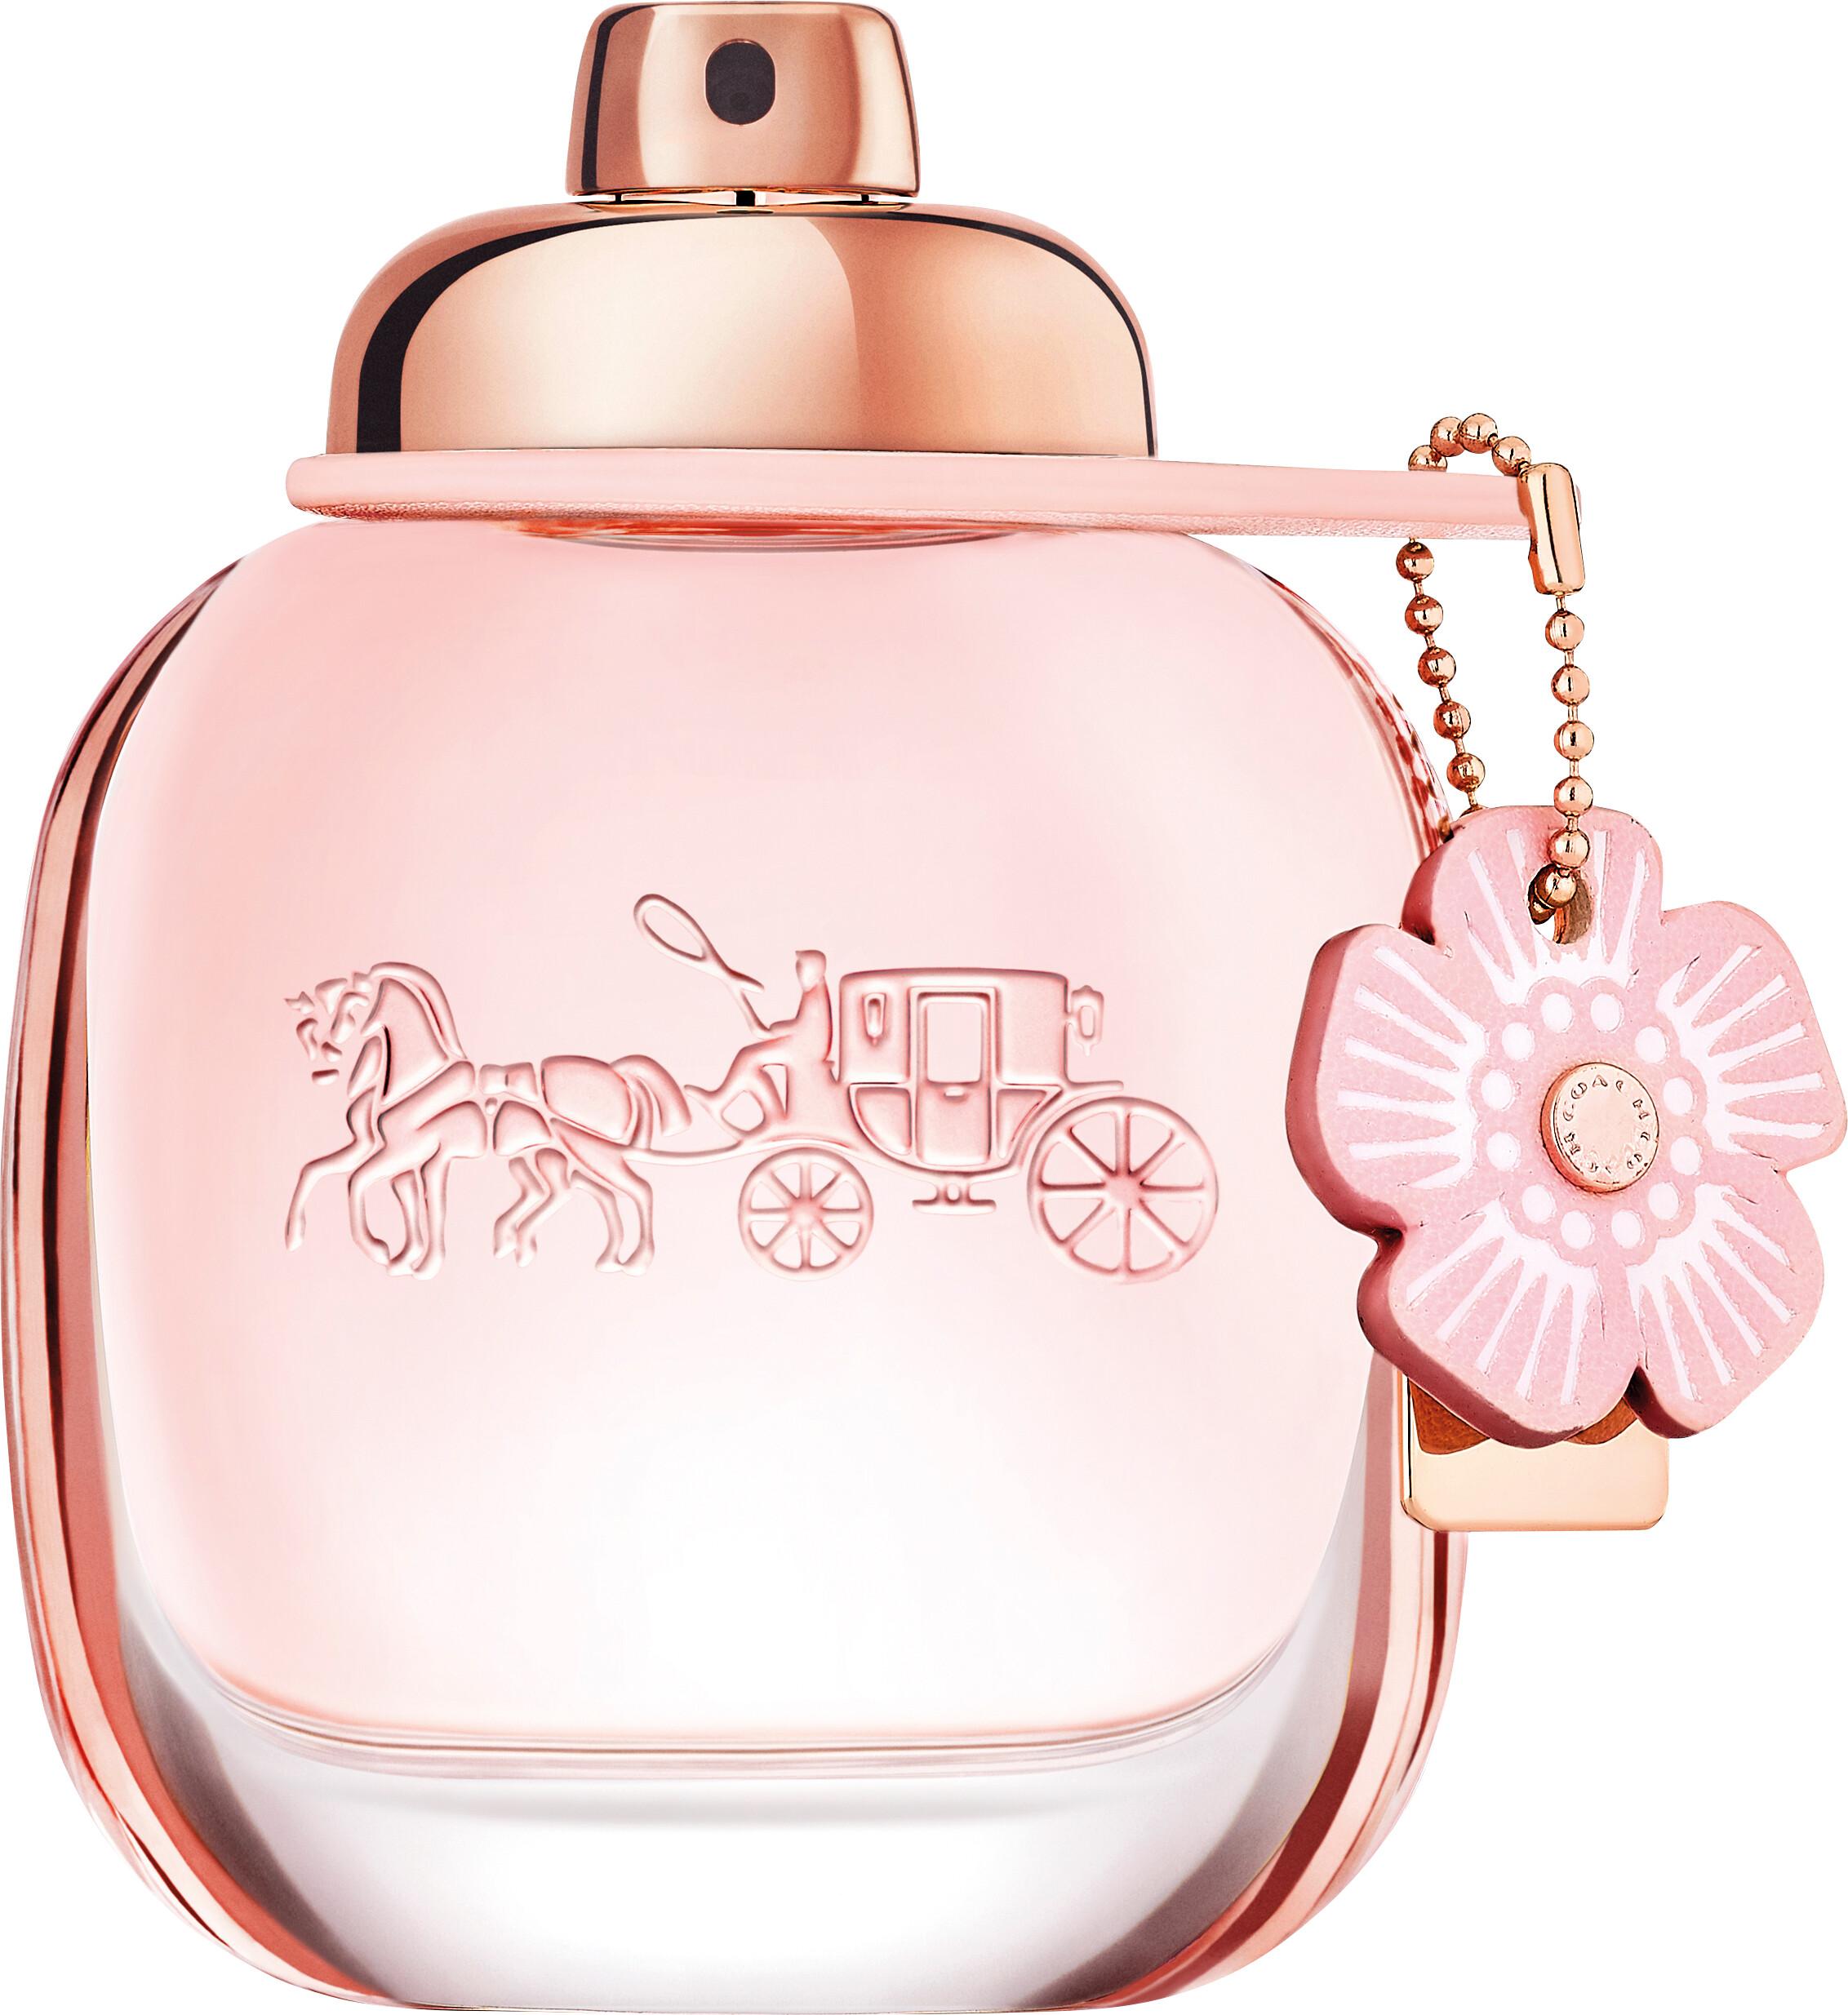 ... Coach Floral Eau de Parfum Spray 50ml 7a908b9db7